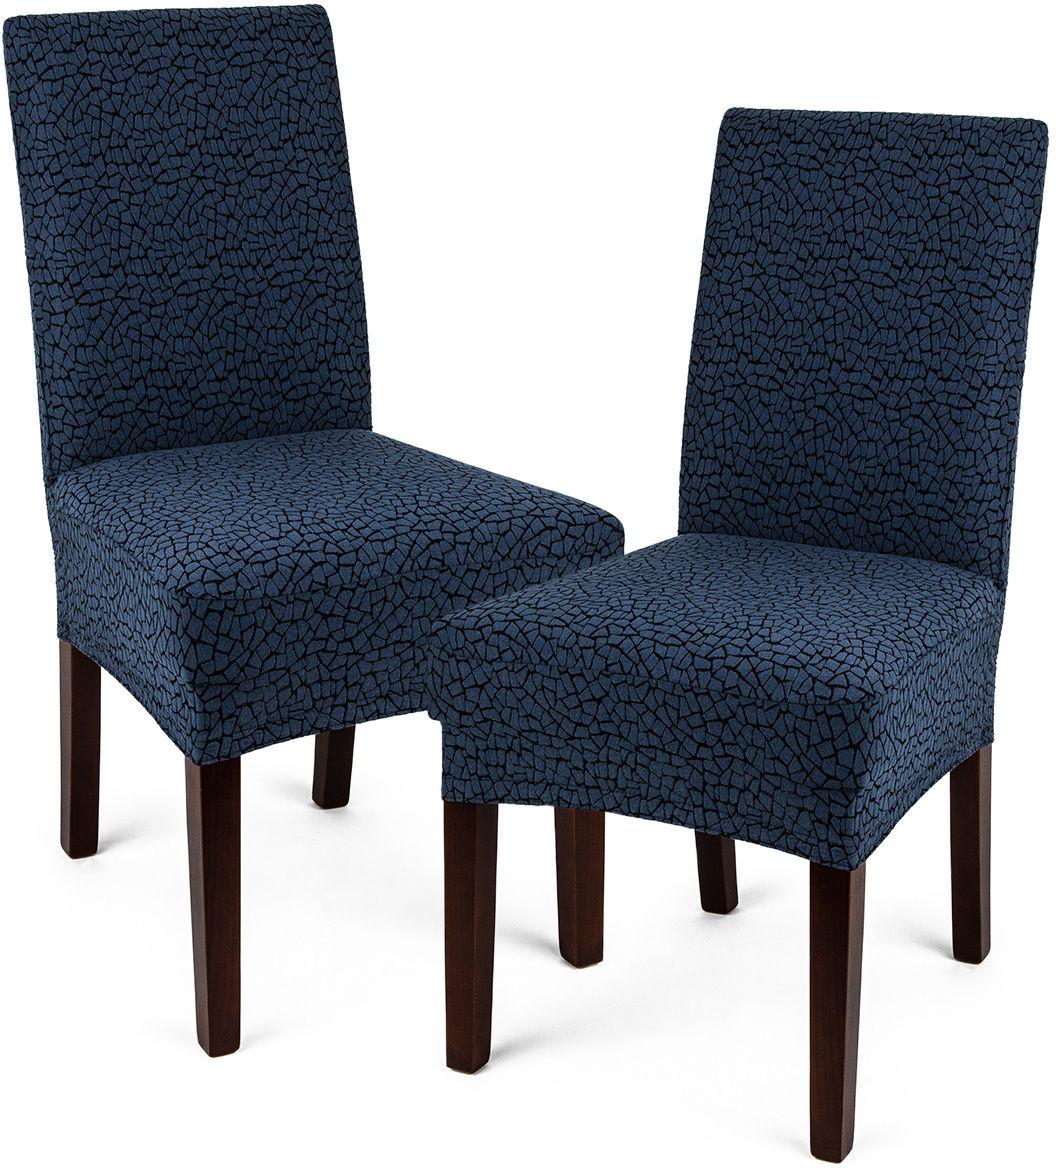 4Home Multielastyczny pokrowiec na krzesło Comfort Plus niebieski, 40 - 50 cm, zestaw 2 szt.